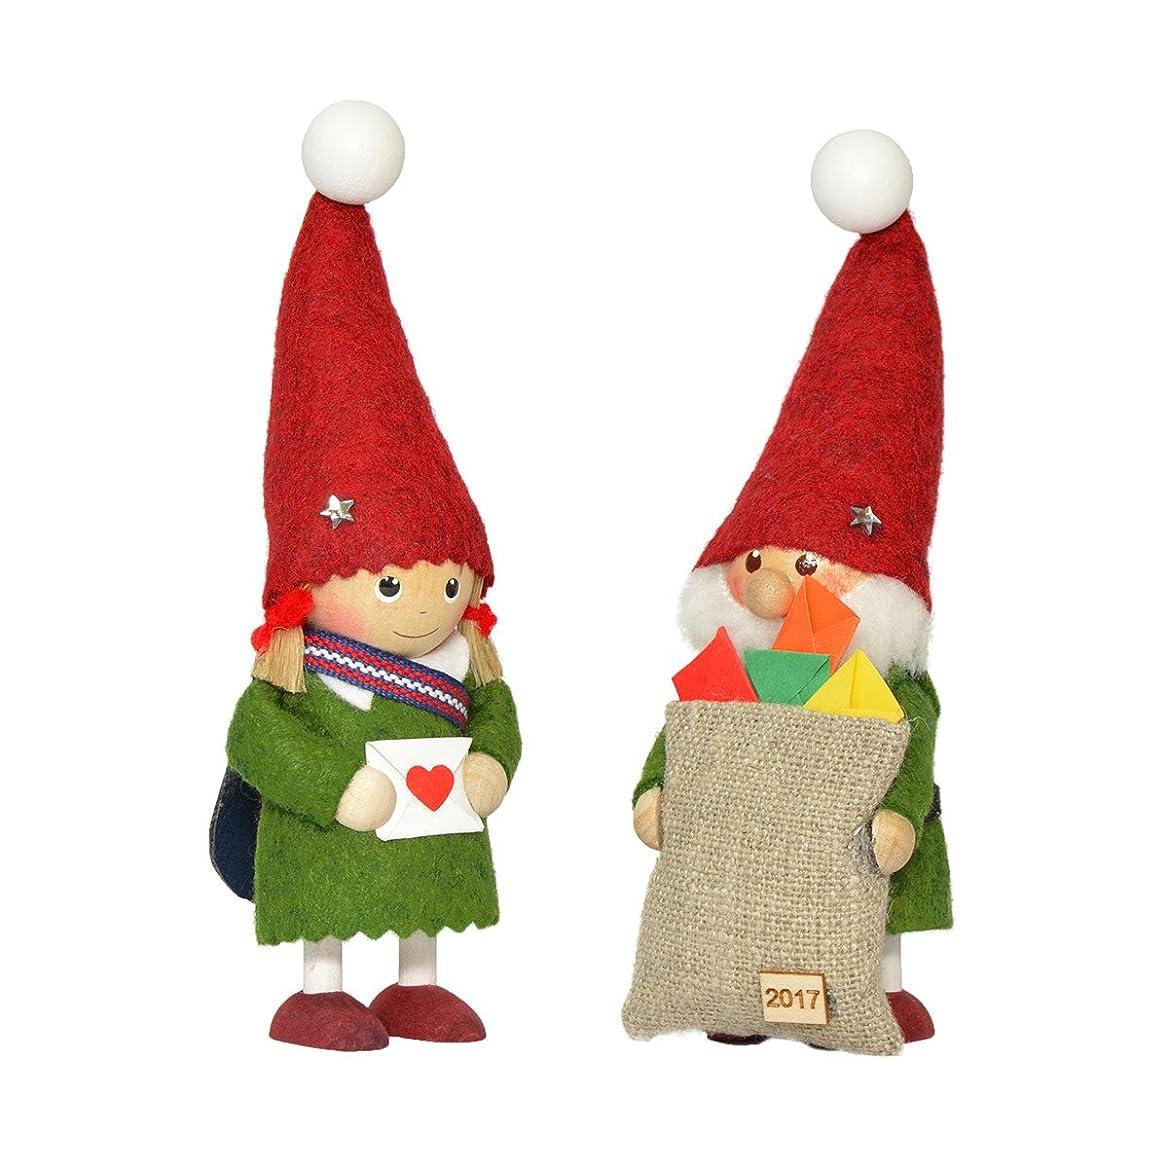 翻訳さわやか天のNORDIKA nisse ノルディカ ニッセ クリスマス 木製人形 (2017 イヤーズノルディカセット / NRD120562)